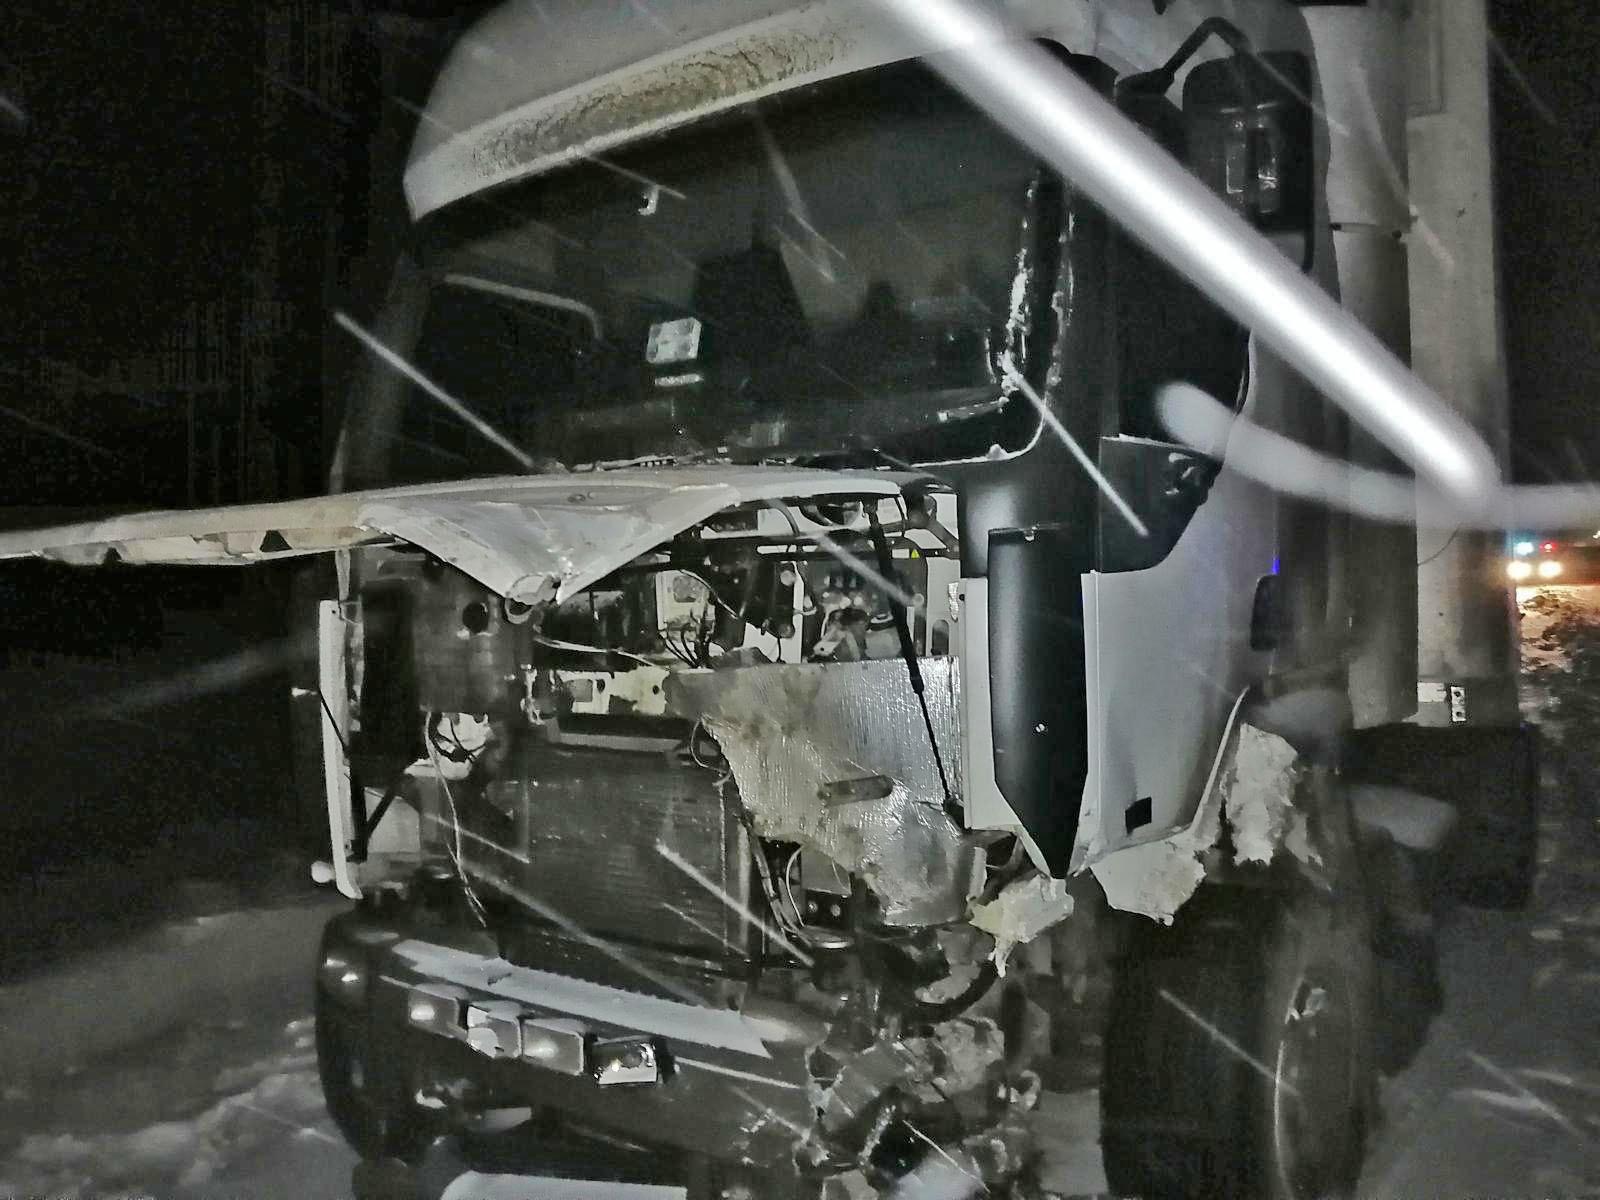 В Тамбовском районе произошло сразу несколько аварий из-за погодных условий